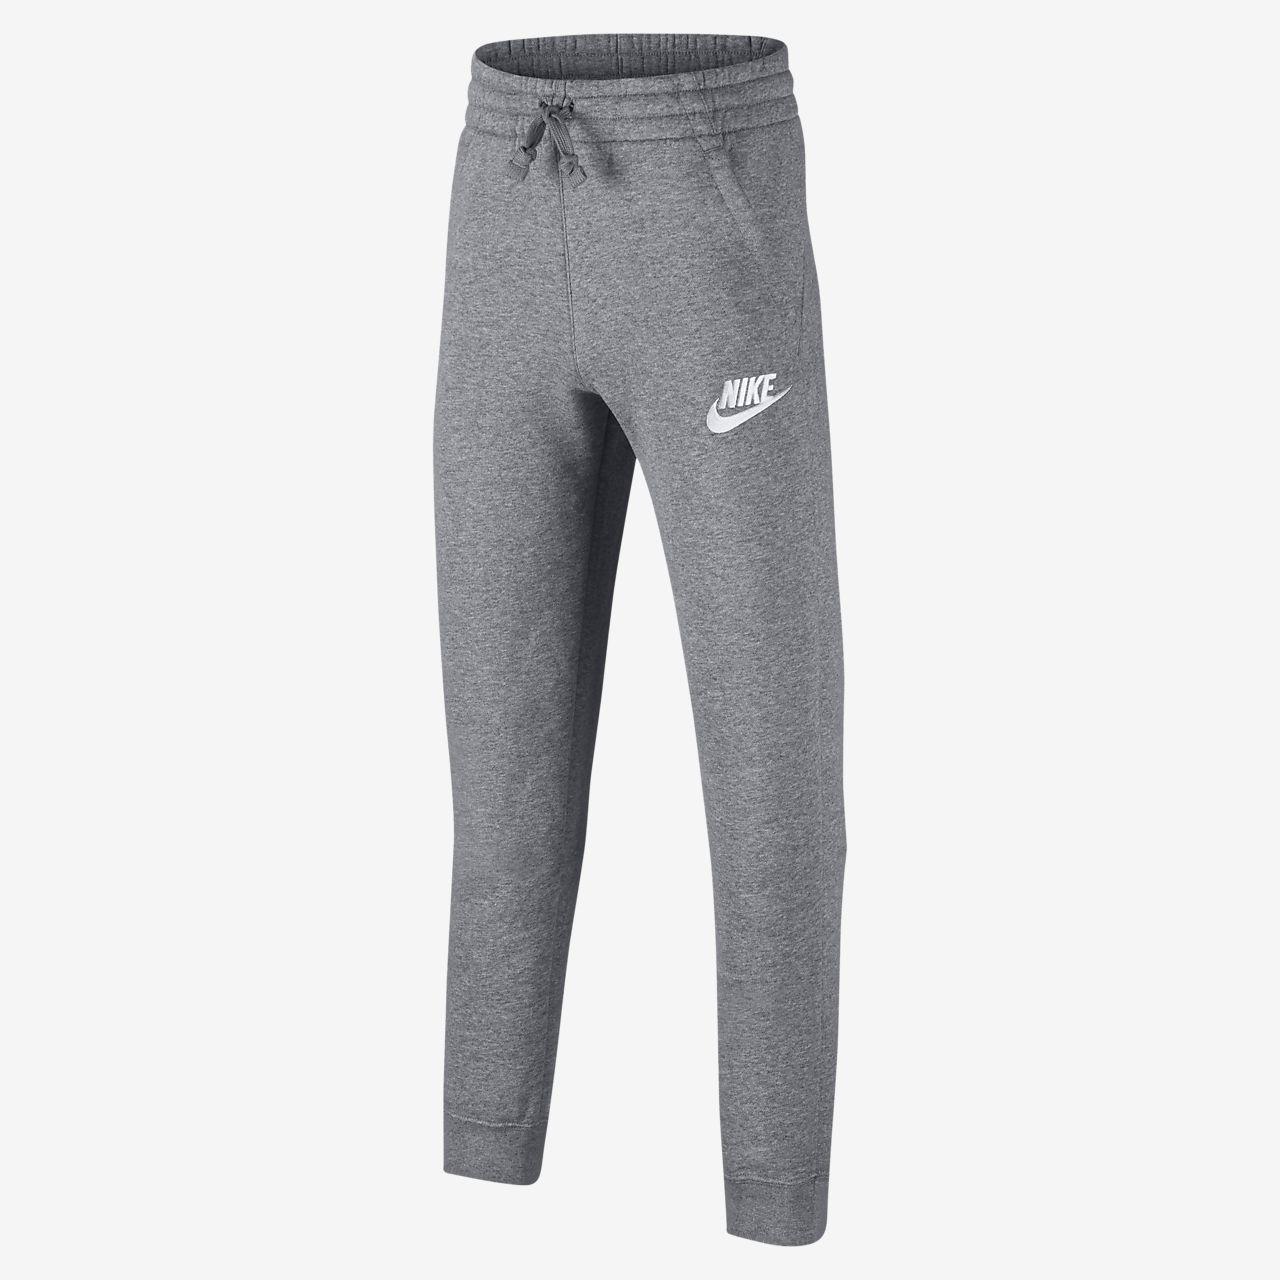 กางเกงวอร์มผ้าฟลีซเด็กโต Nike Sportswear (ชาย)